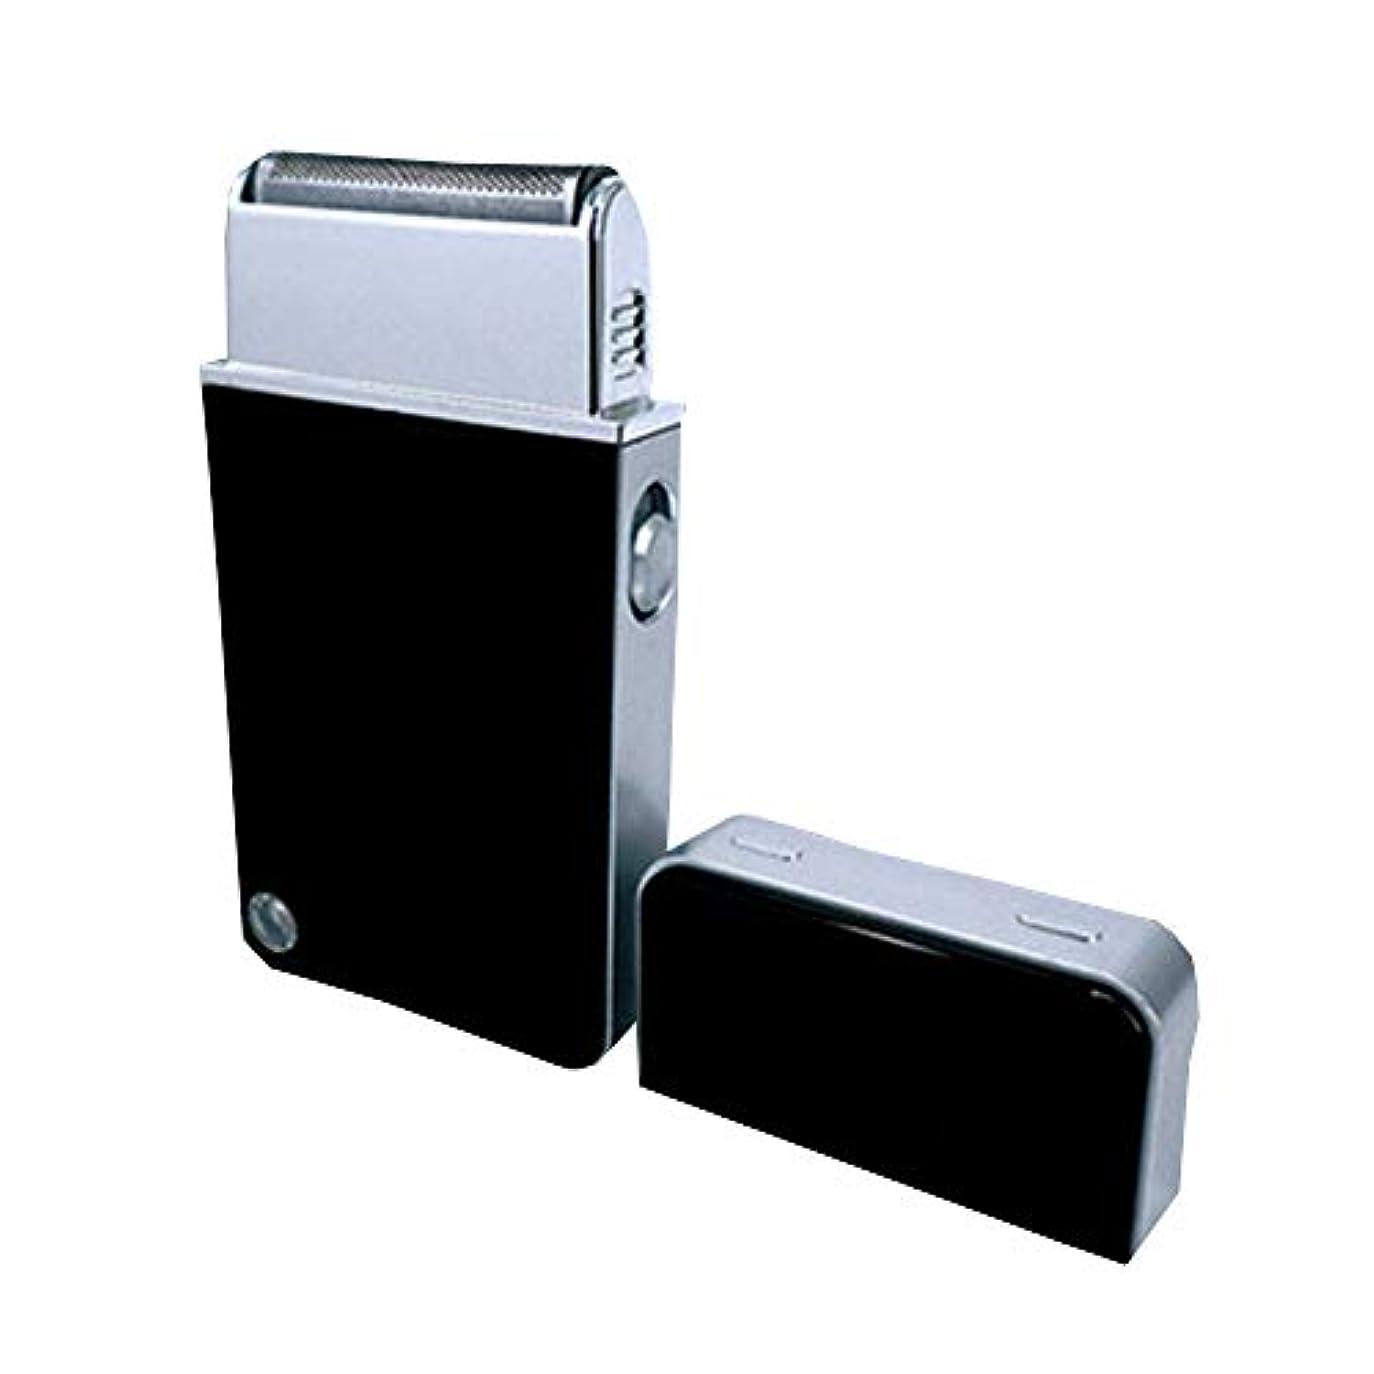 偉業頑固な和解するメンズシェーバー USB充電式 電気シェーバー ひげ剃り コンパクト 携帯用シェーバー 旅行用 軽量 ギフトCSH004